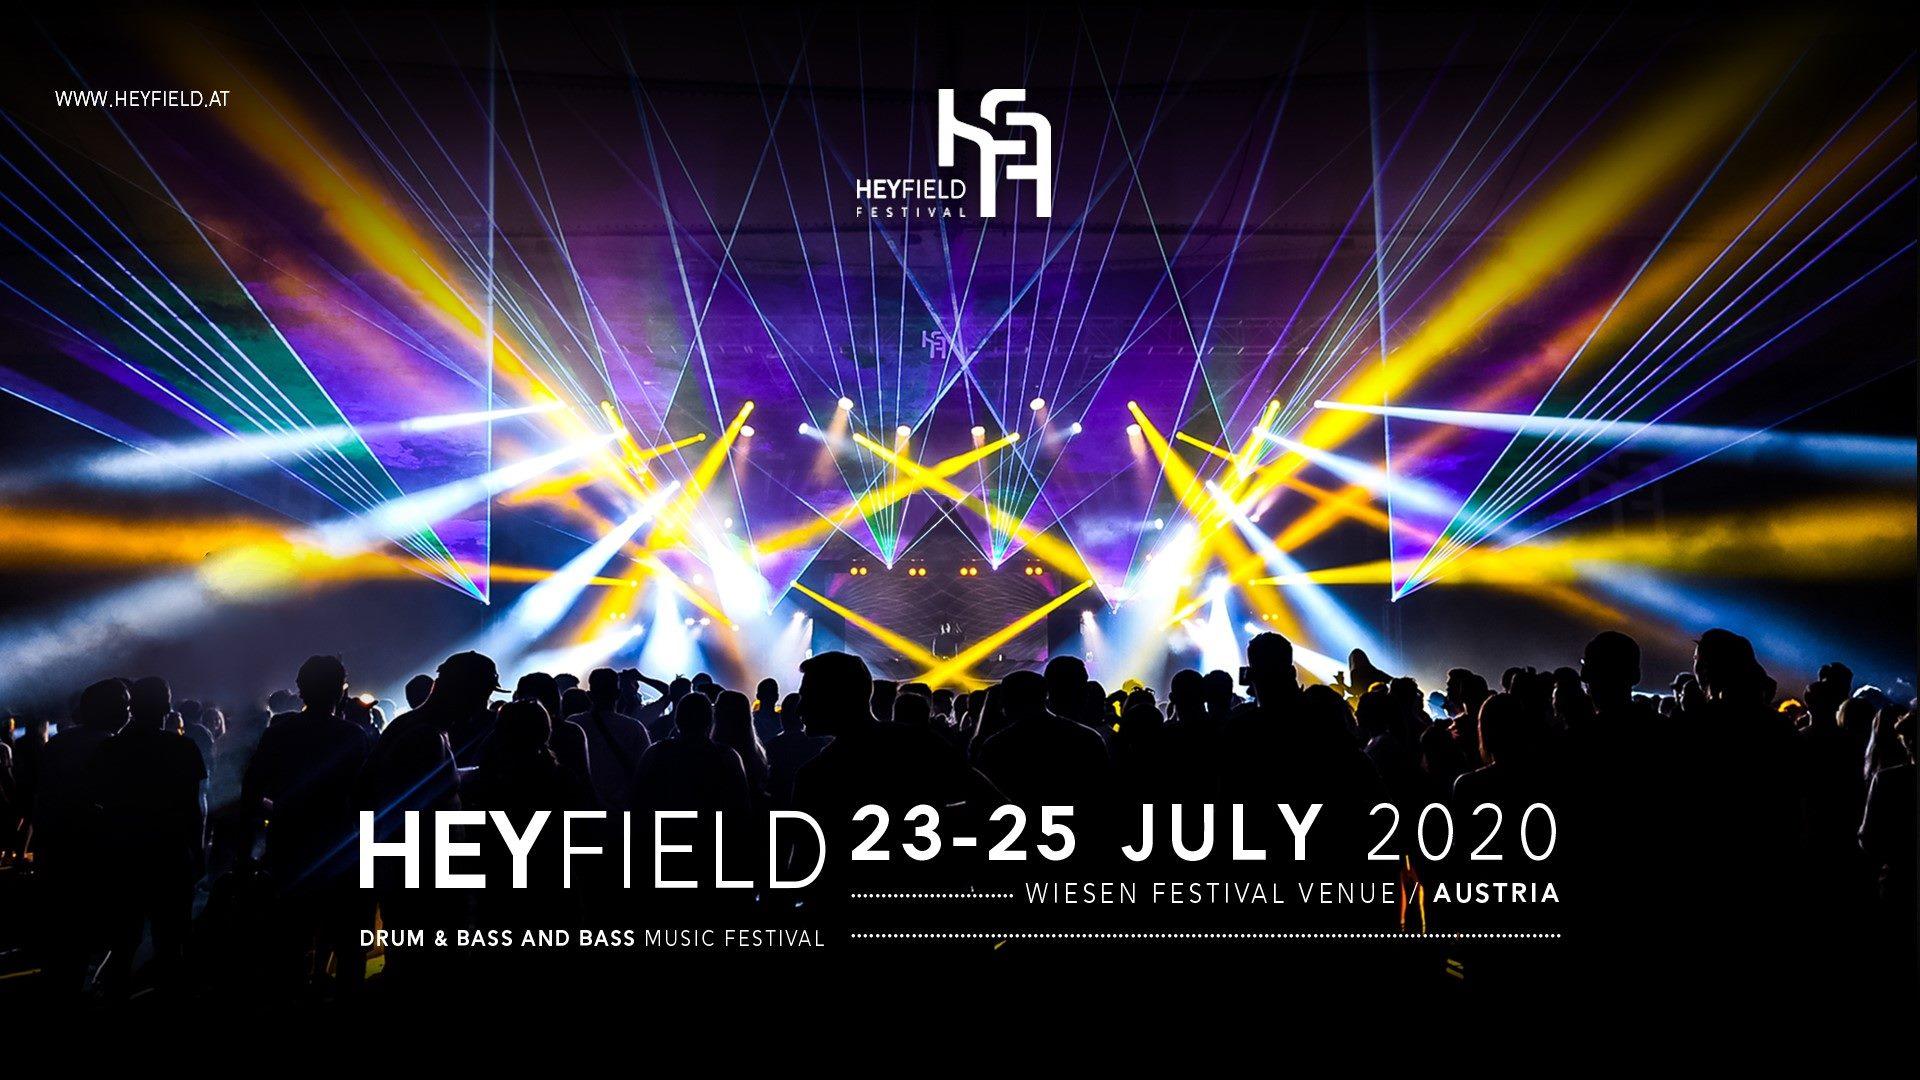 HEYField Festival 2020 am 23. July 2020 @ Festivalgelände Wiesen.